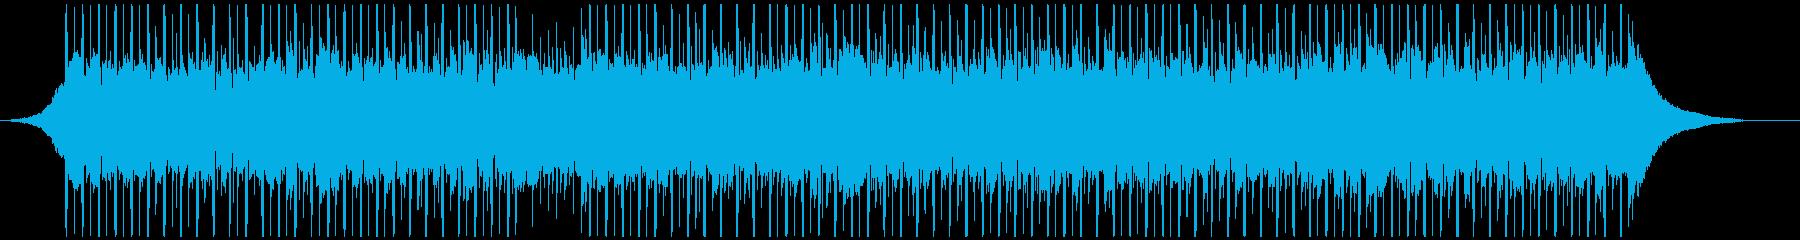 モダンテクノロジー(中)の再生済みの波形